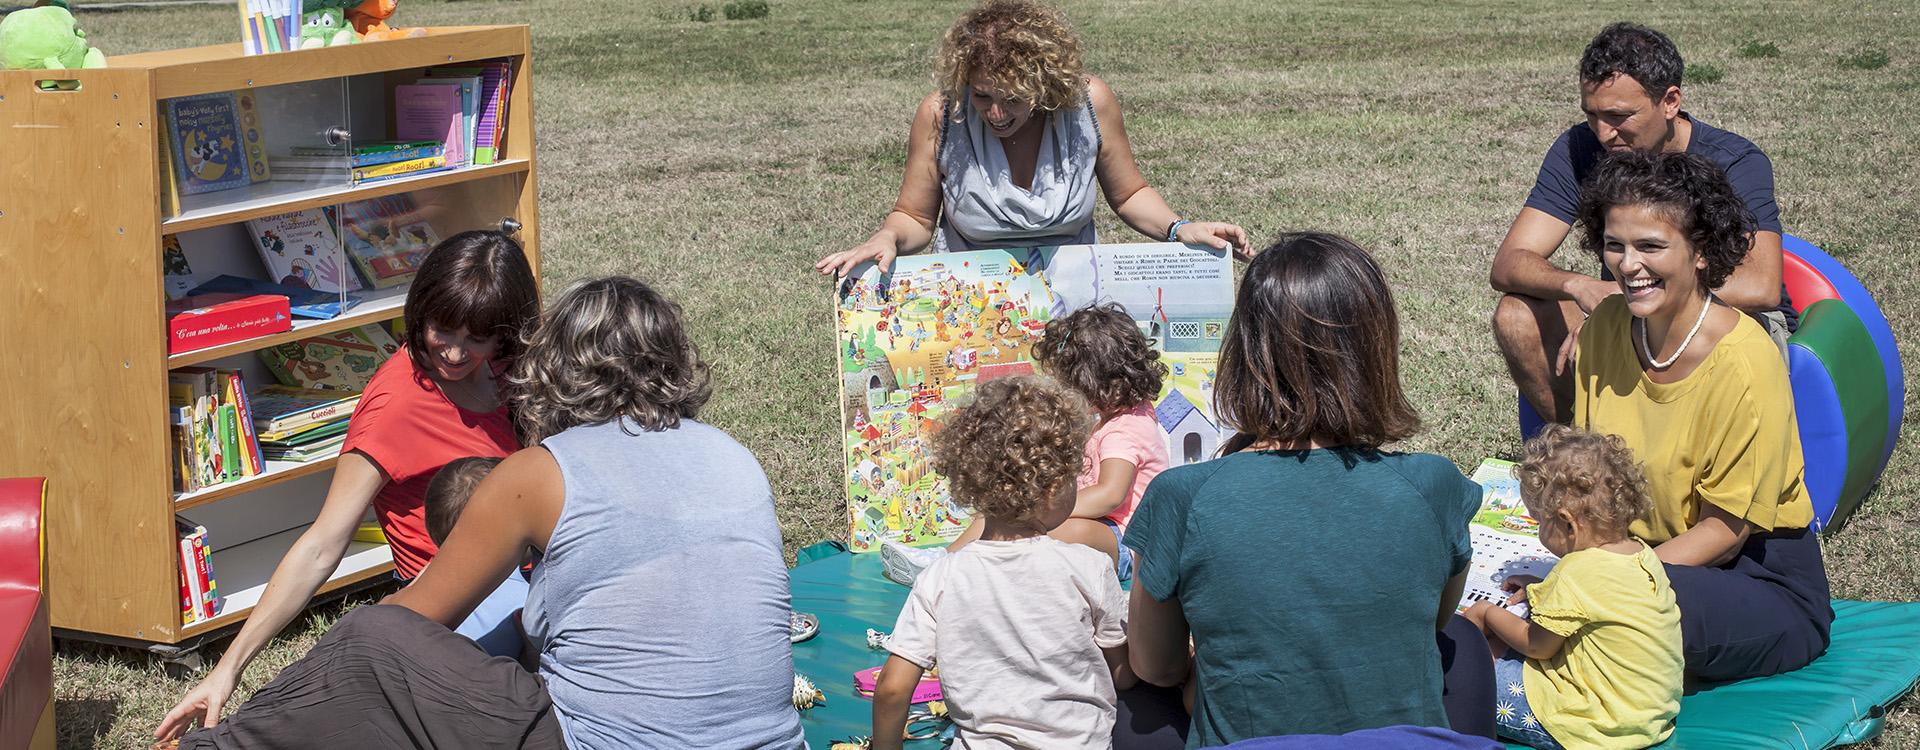 Foto: bambini e adulti che giocano